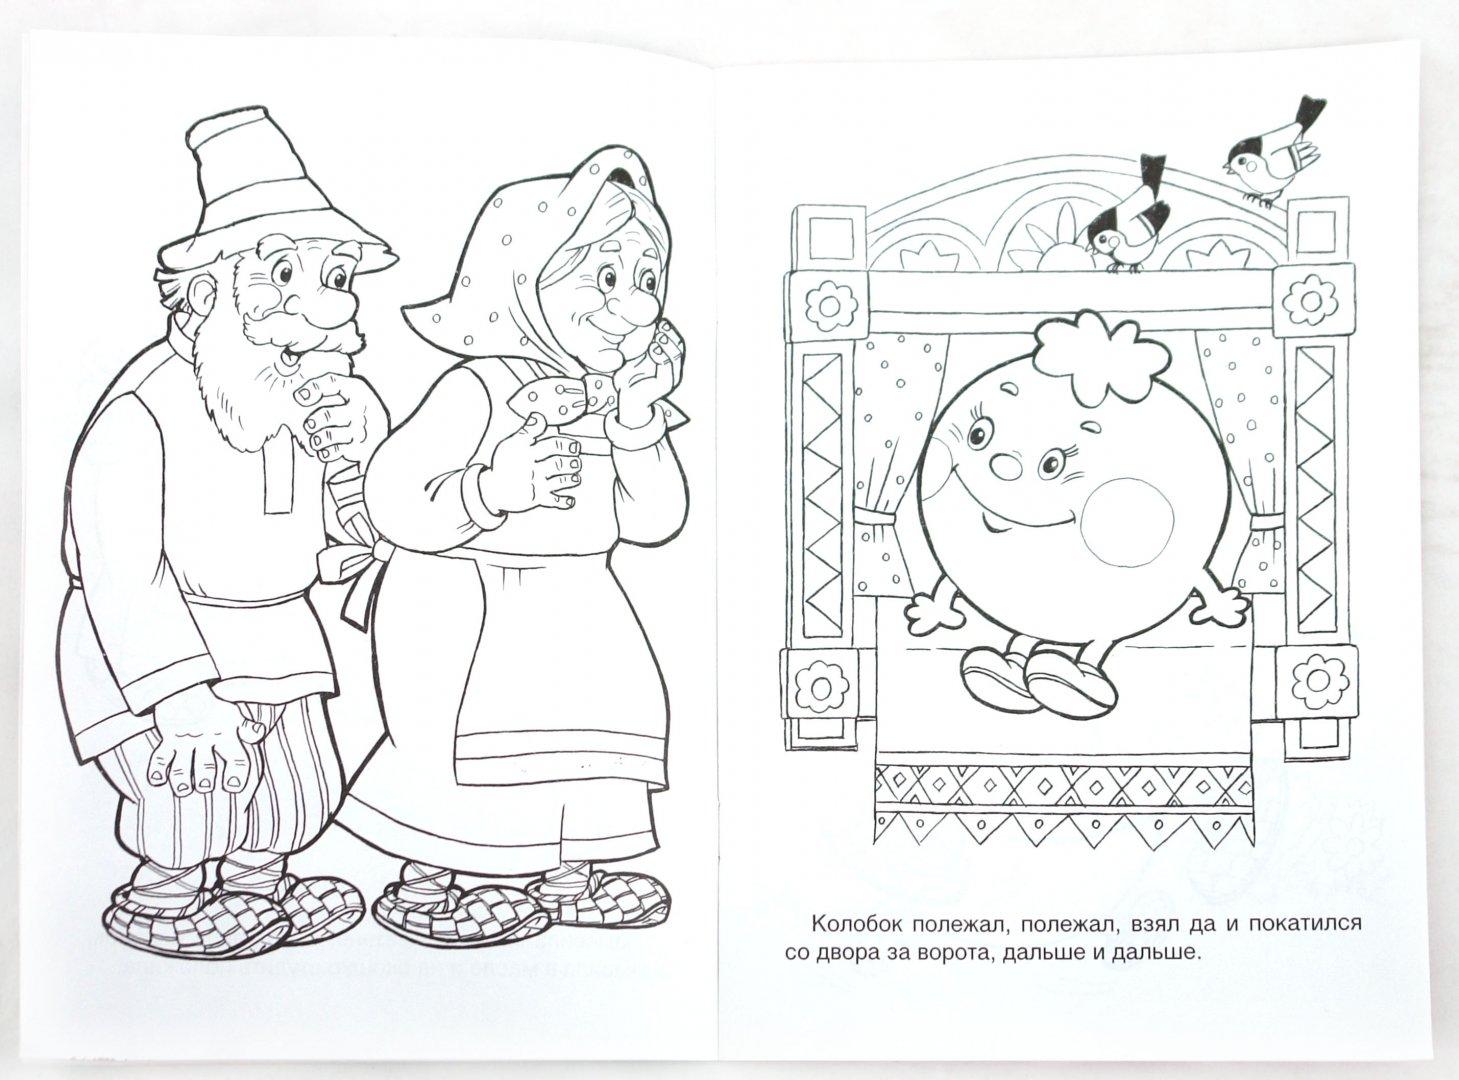 нашей сказка для печати с картинками для печати отеле работают салон